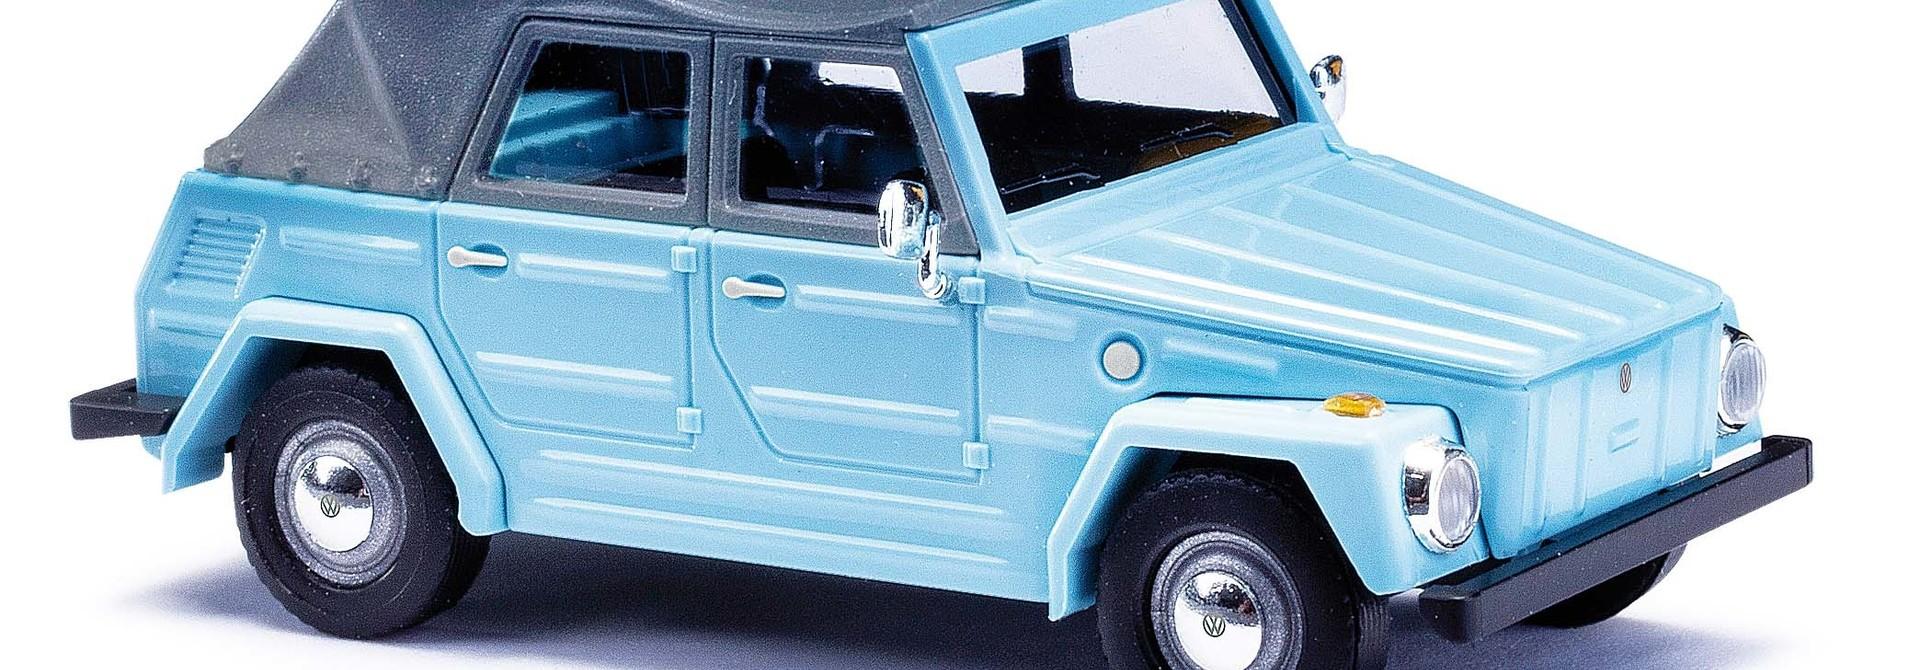 52702 VW 181 Kurierwagen Blau